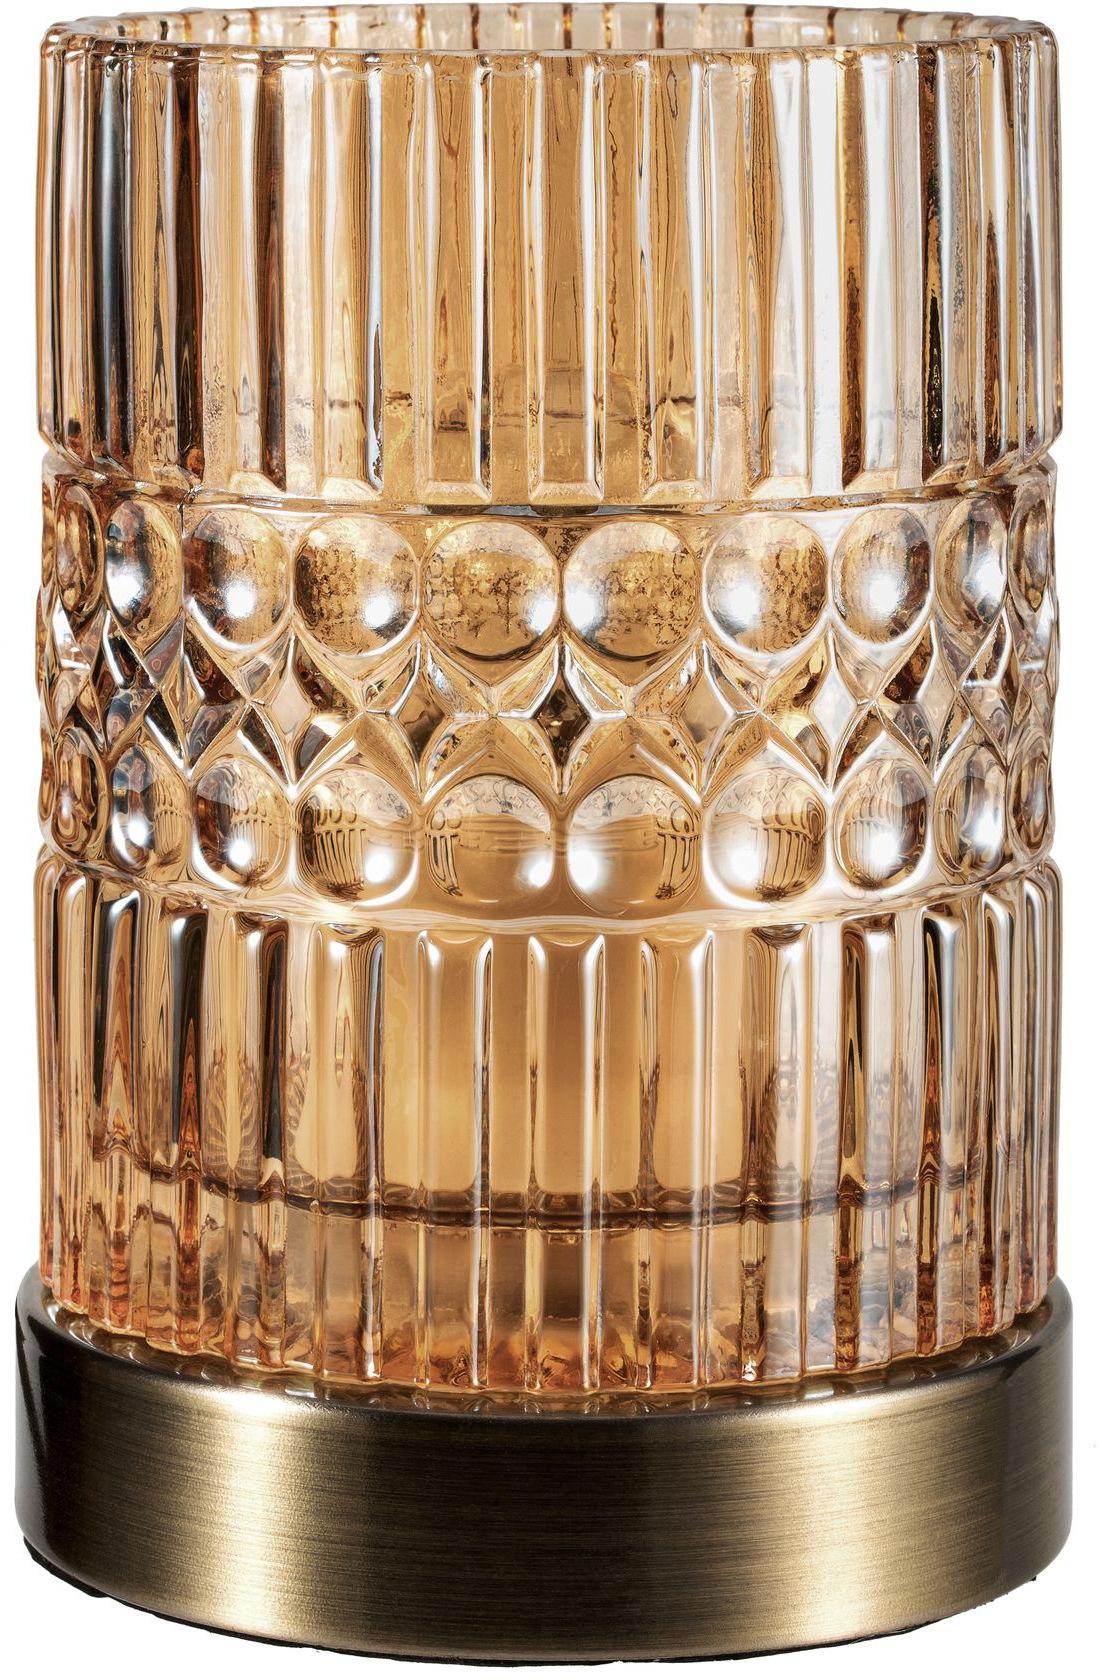 Pauleen Tischleuchte Crystal Elegance, E27, 1 St., Glas Bernstein